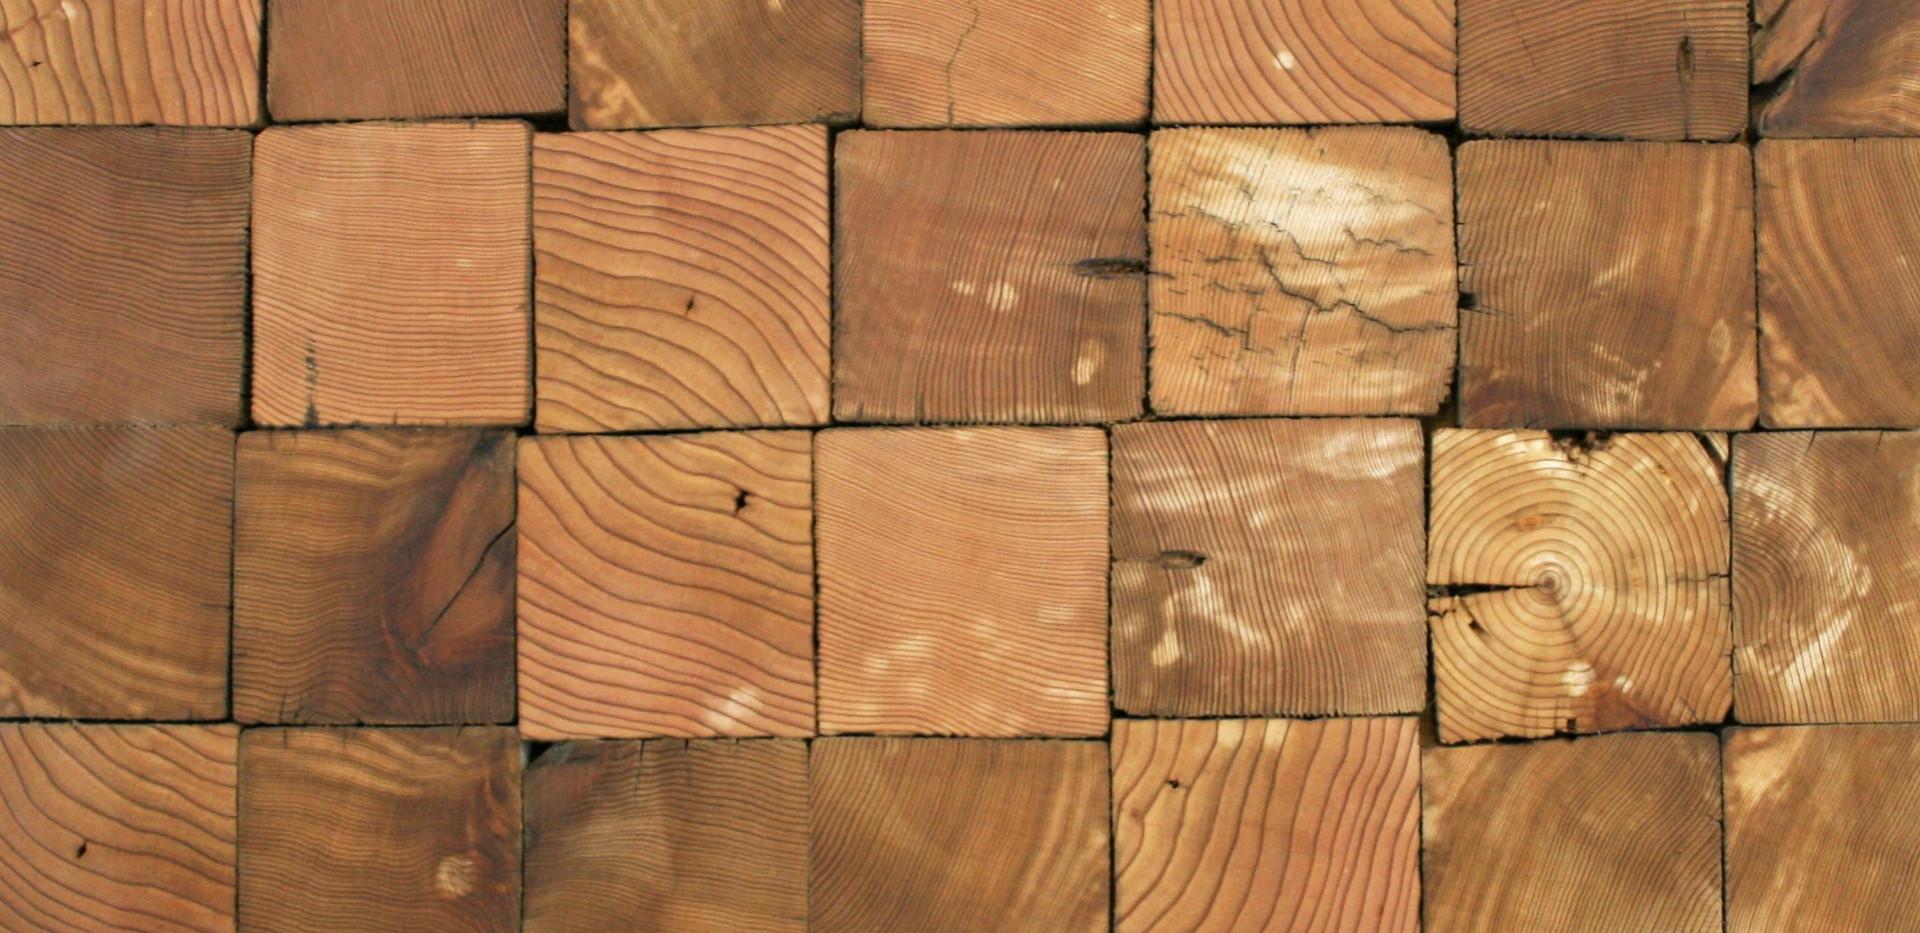 Original Cedar End Grain Tiles